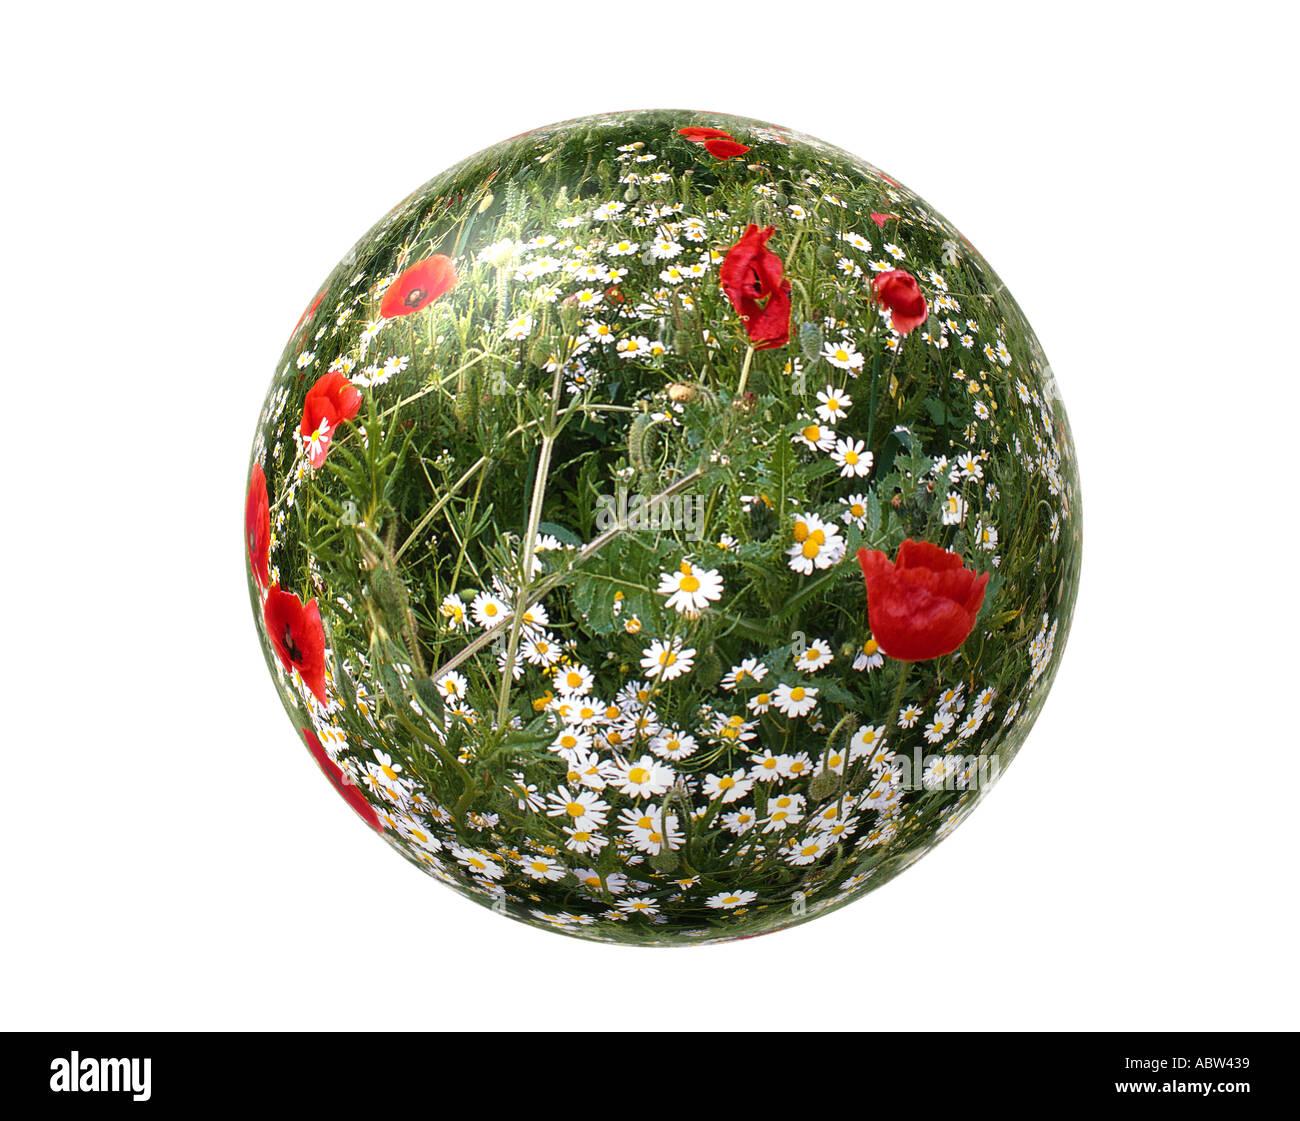 Concepto medioambiental: Nuestro mundo Imagen De Stock